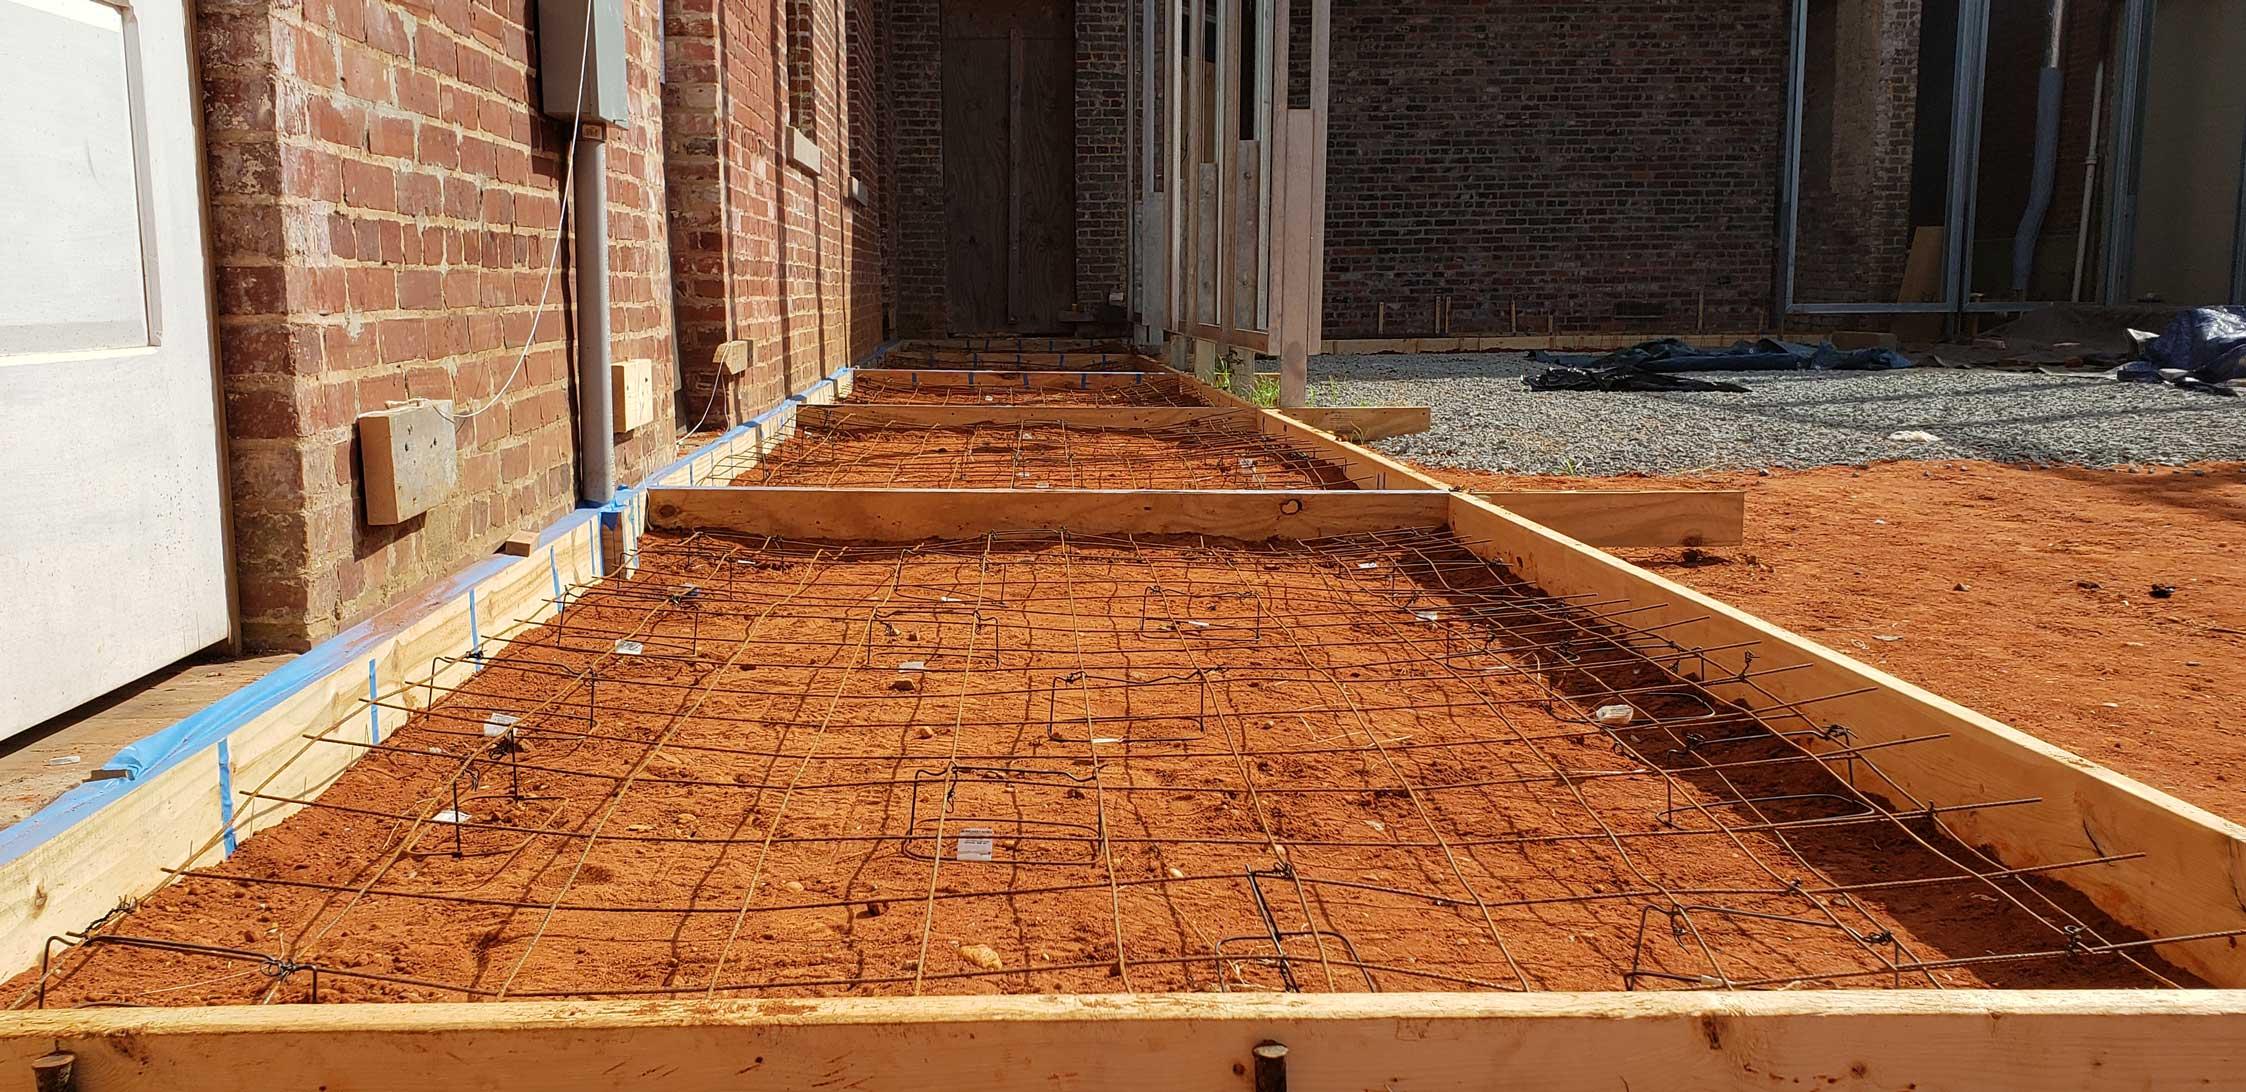 Formwork pre-concrete pour